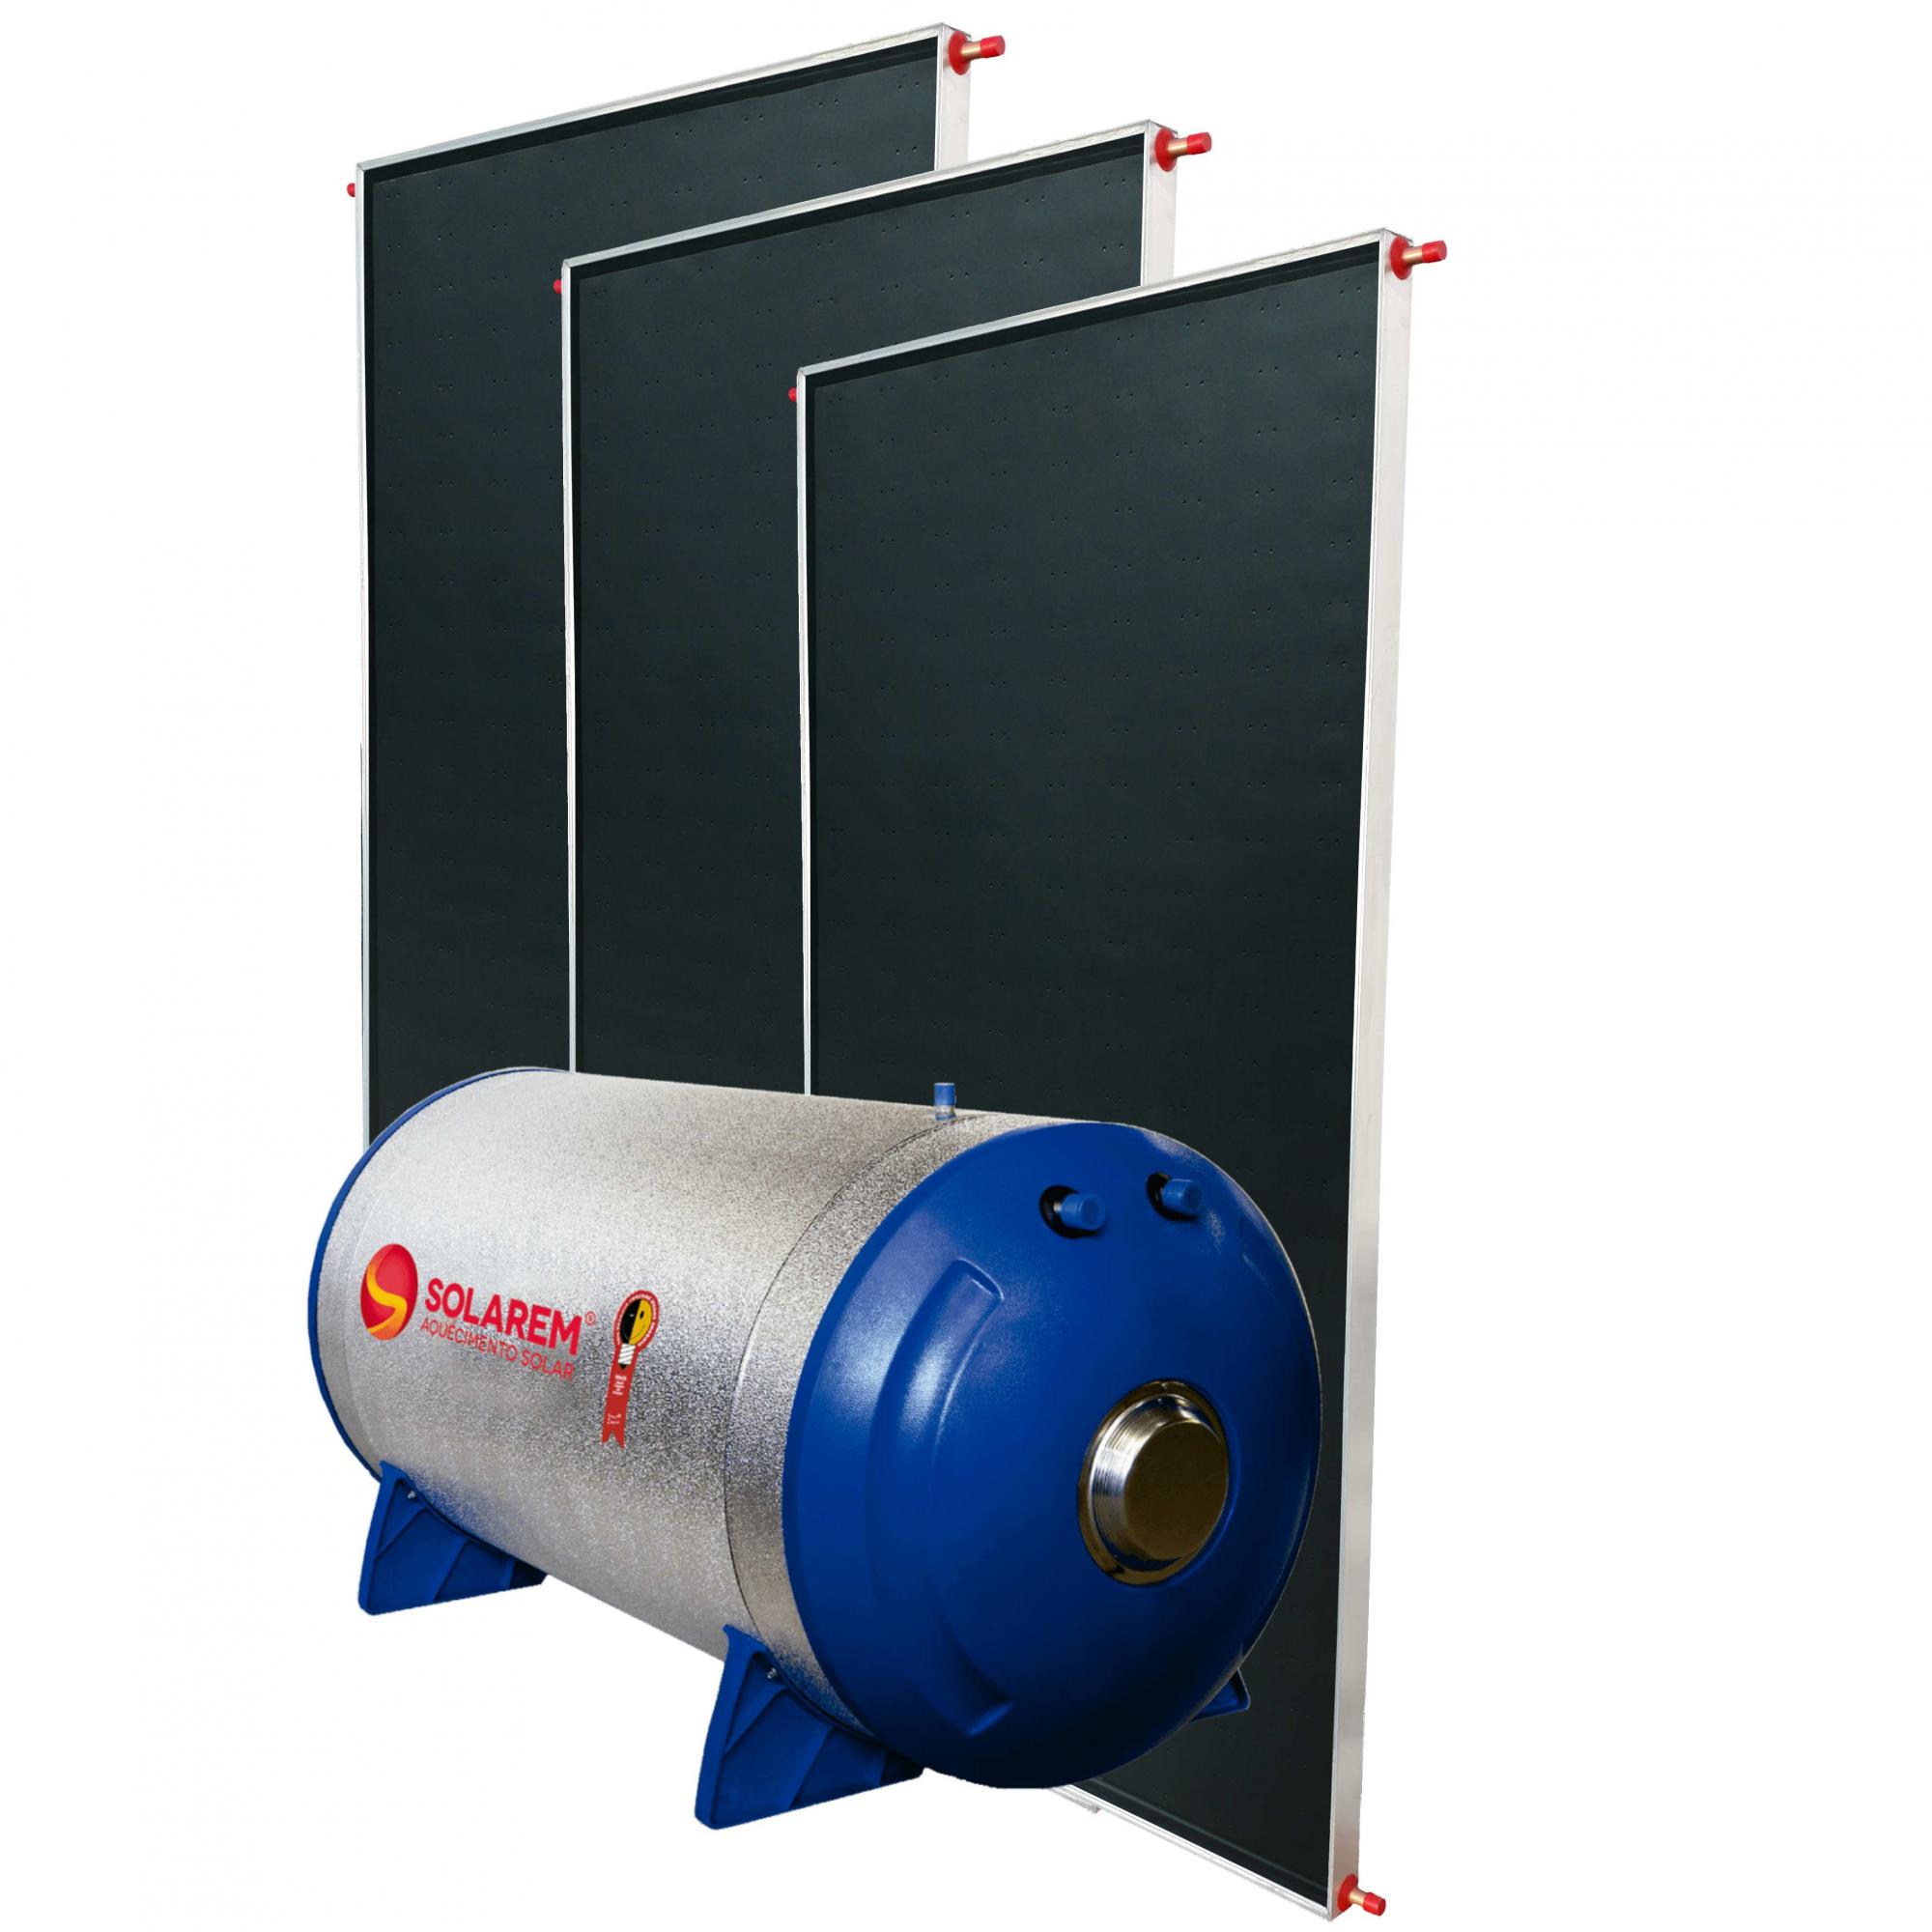 Aquecedor Solar Boiler 500 Litros Desnível Baixa Pressão + 3 Coletores 2x1m Vidro Termo Endurecido